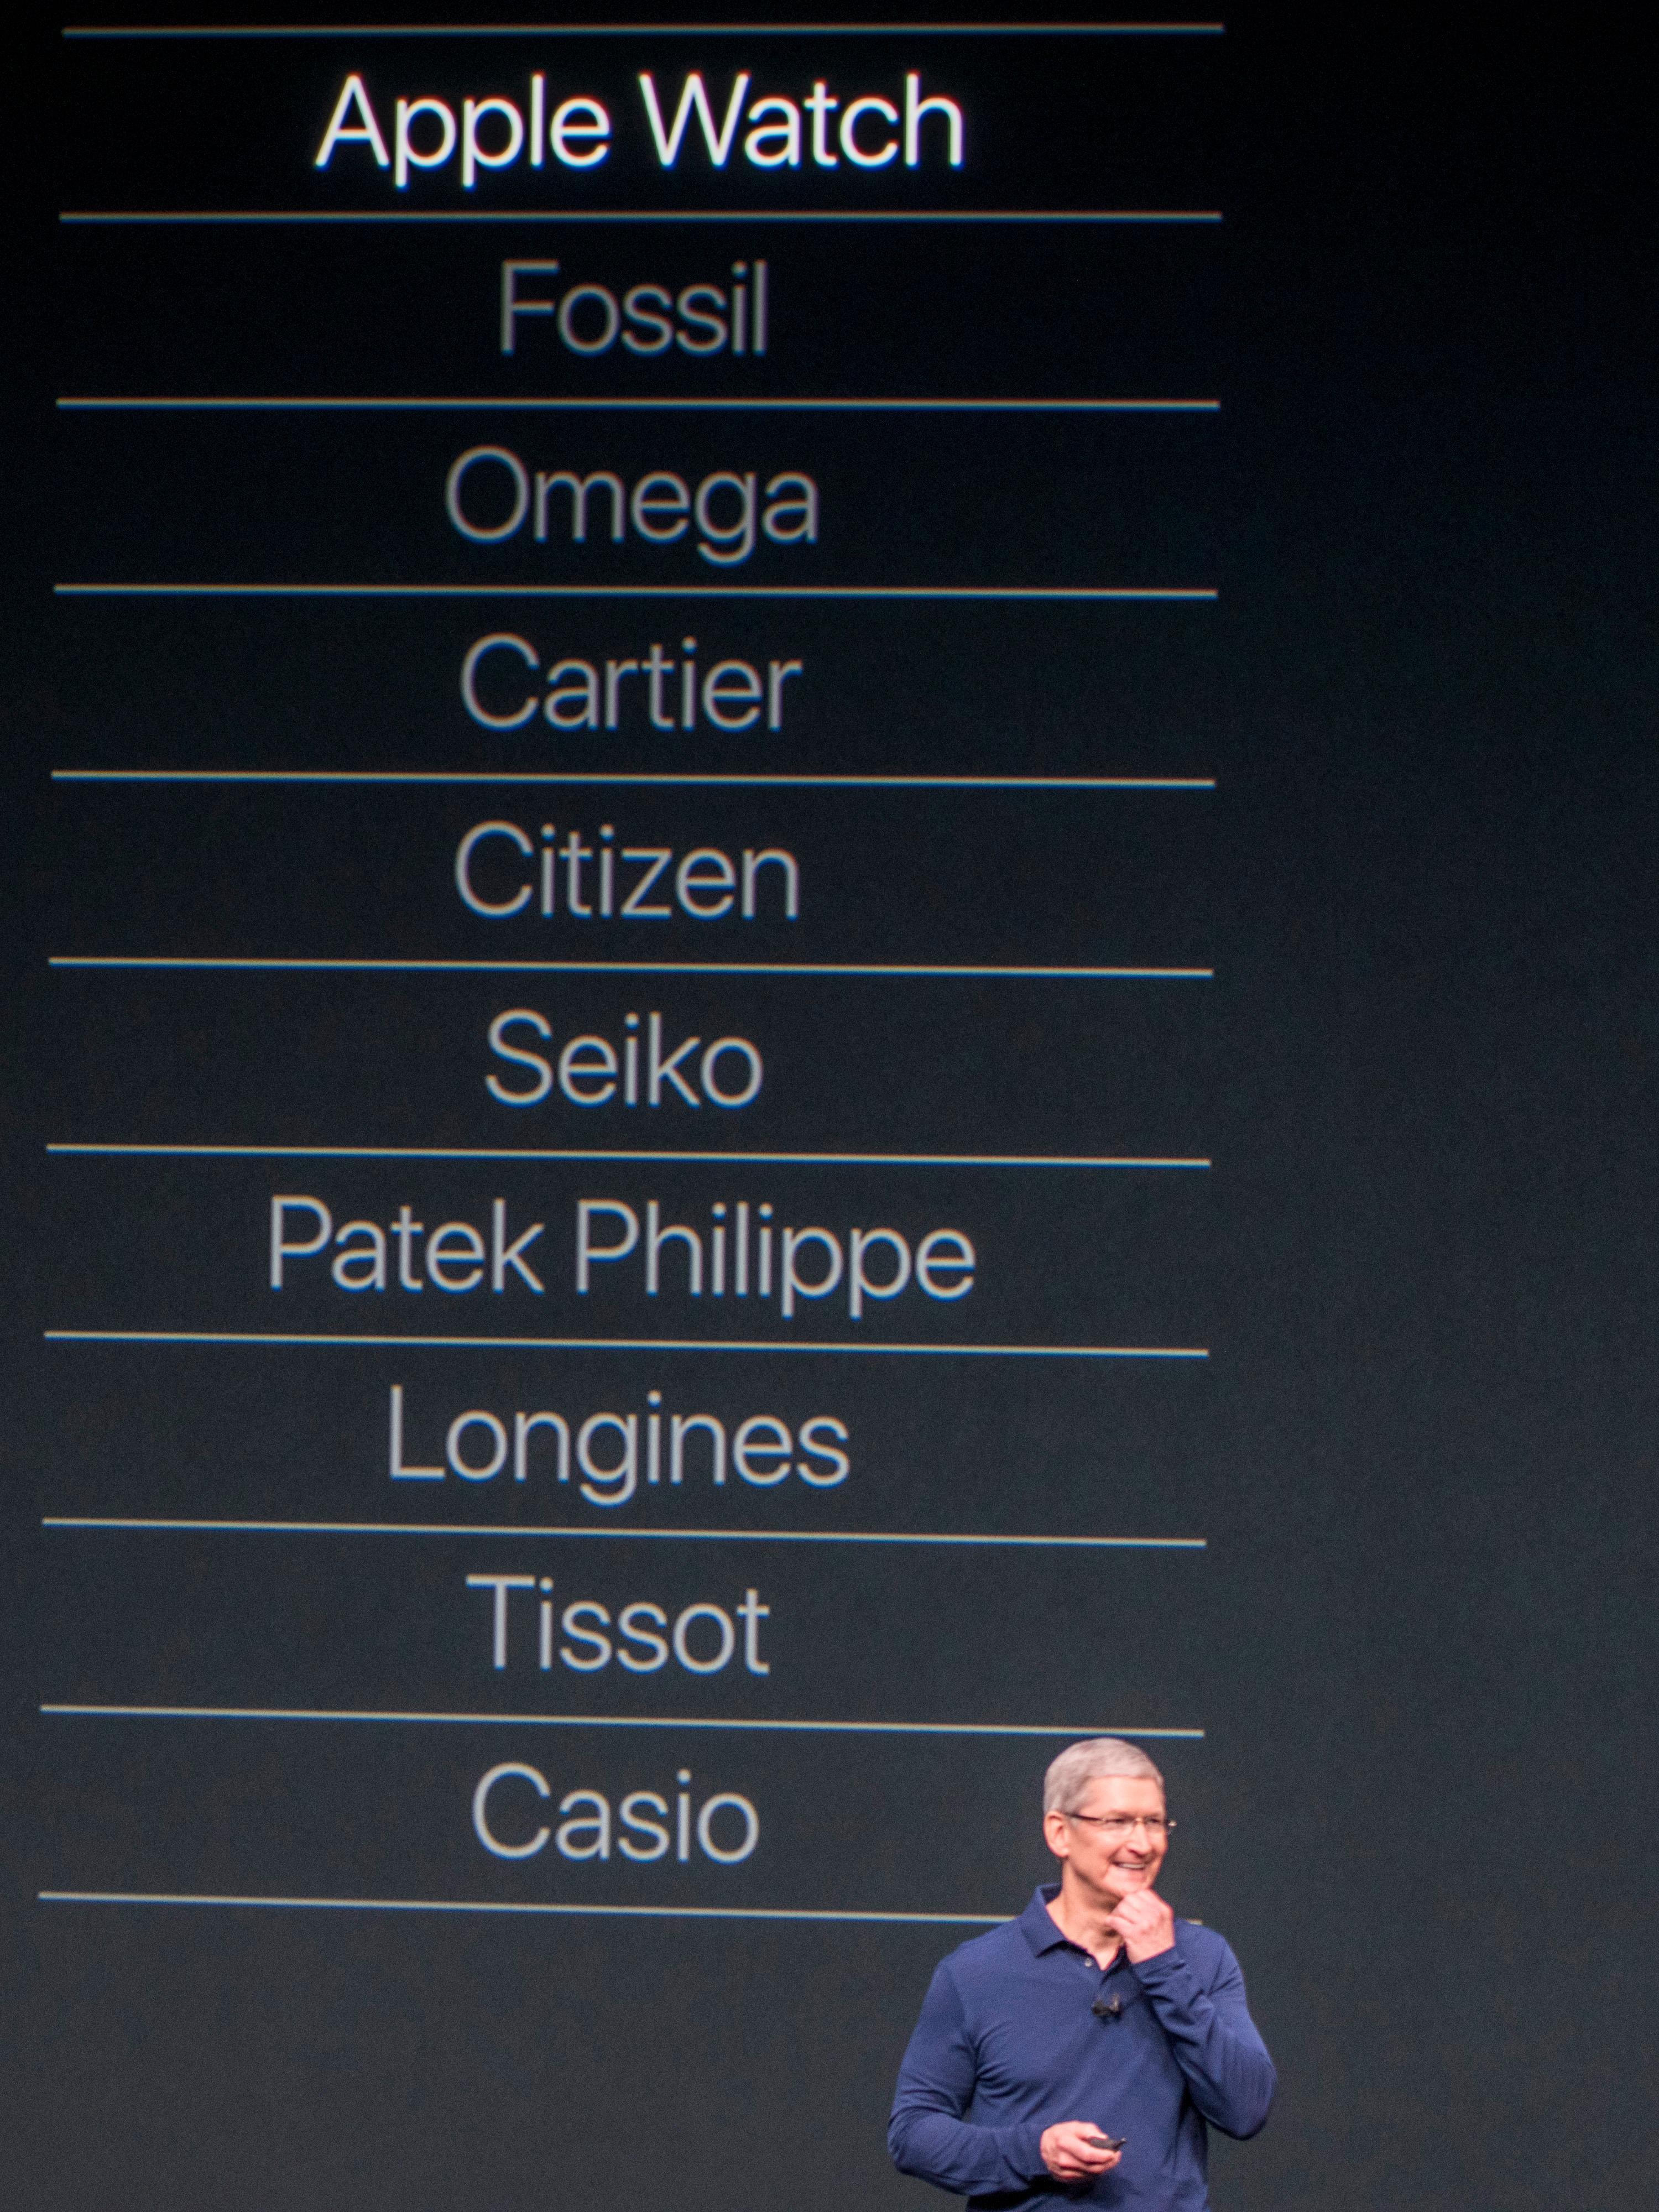 Bare Rolex står i veien for at Apple kan bli verdens mest innbringende klokkeprodusent. Men hvor mange går egentlig rundt med en Rolex på håndleddet?